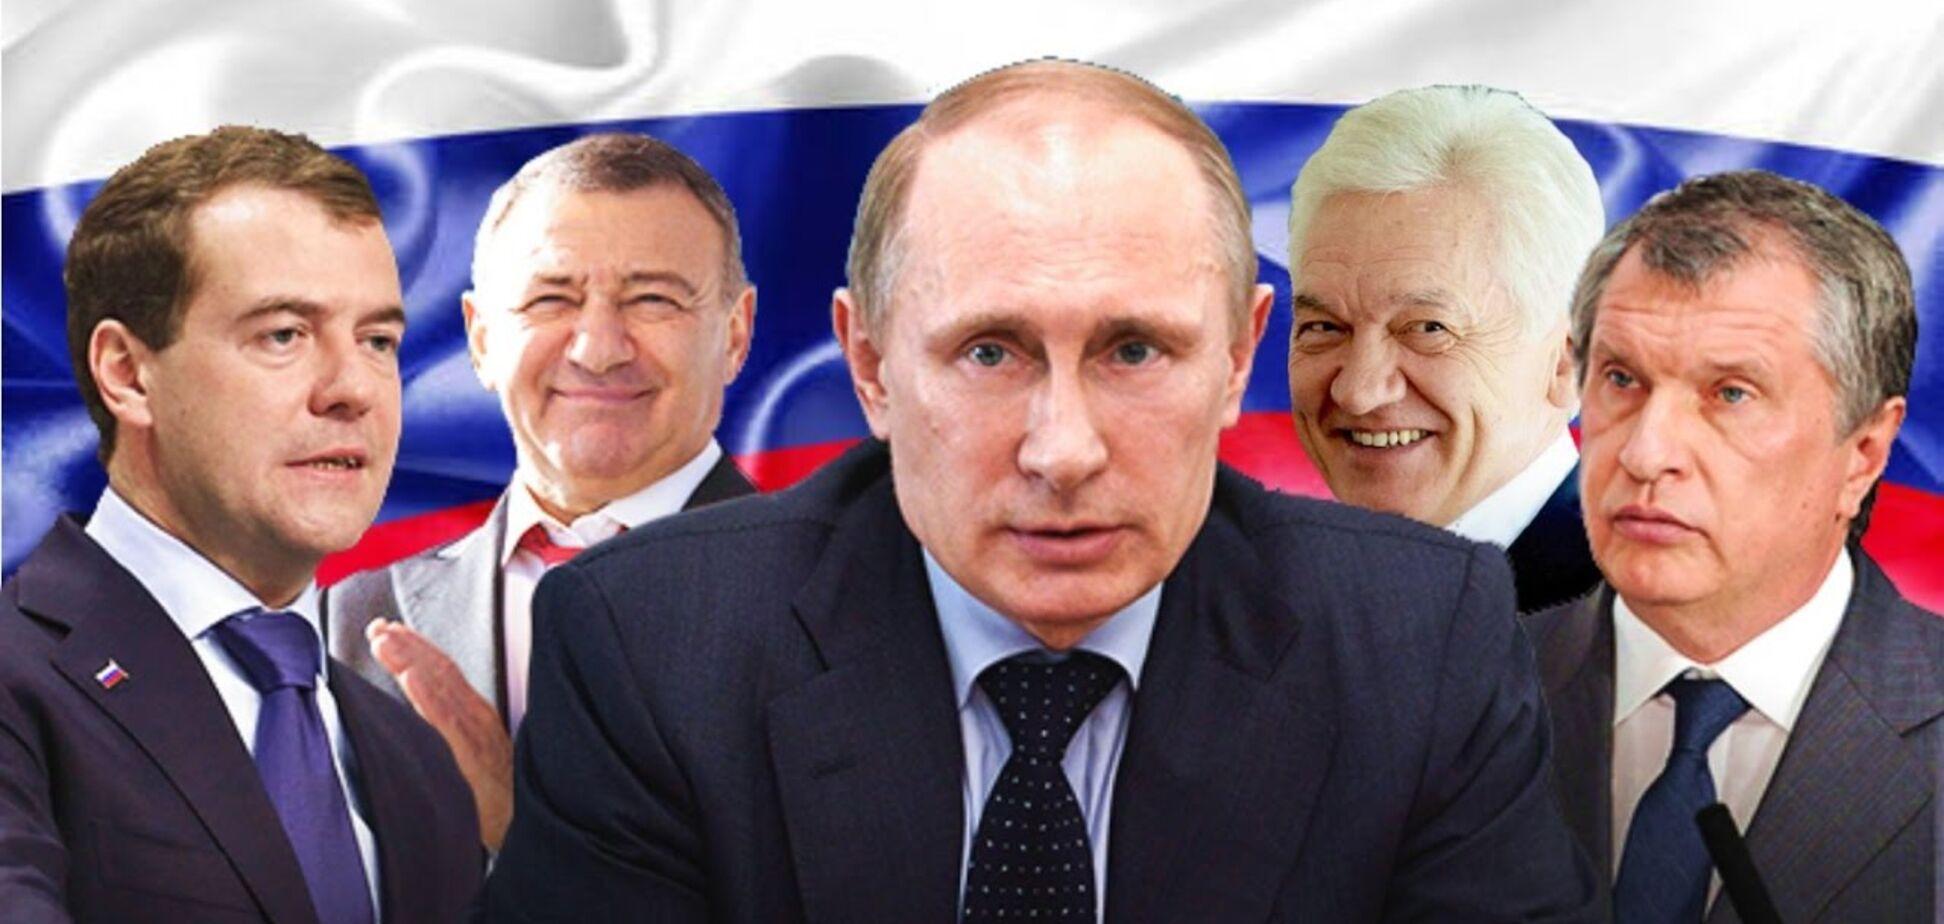 'Відкрутити Путіну башку': спрогнозовано реакцію російських олігархів на санкції